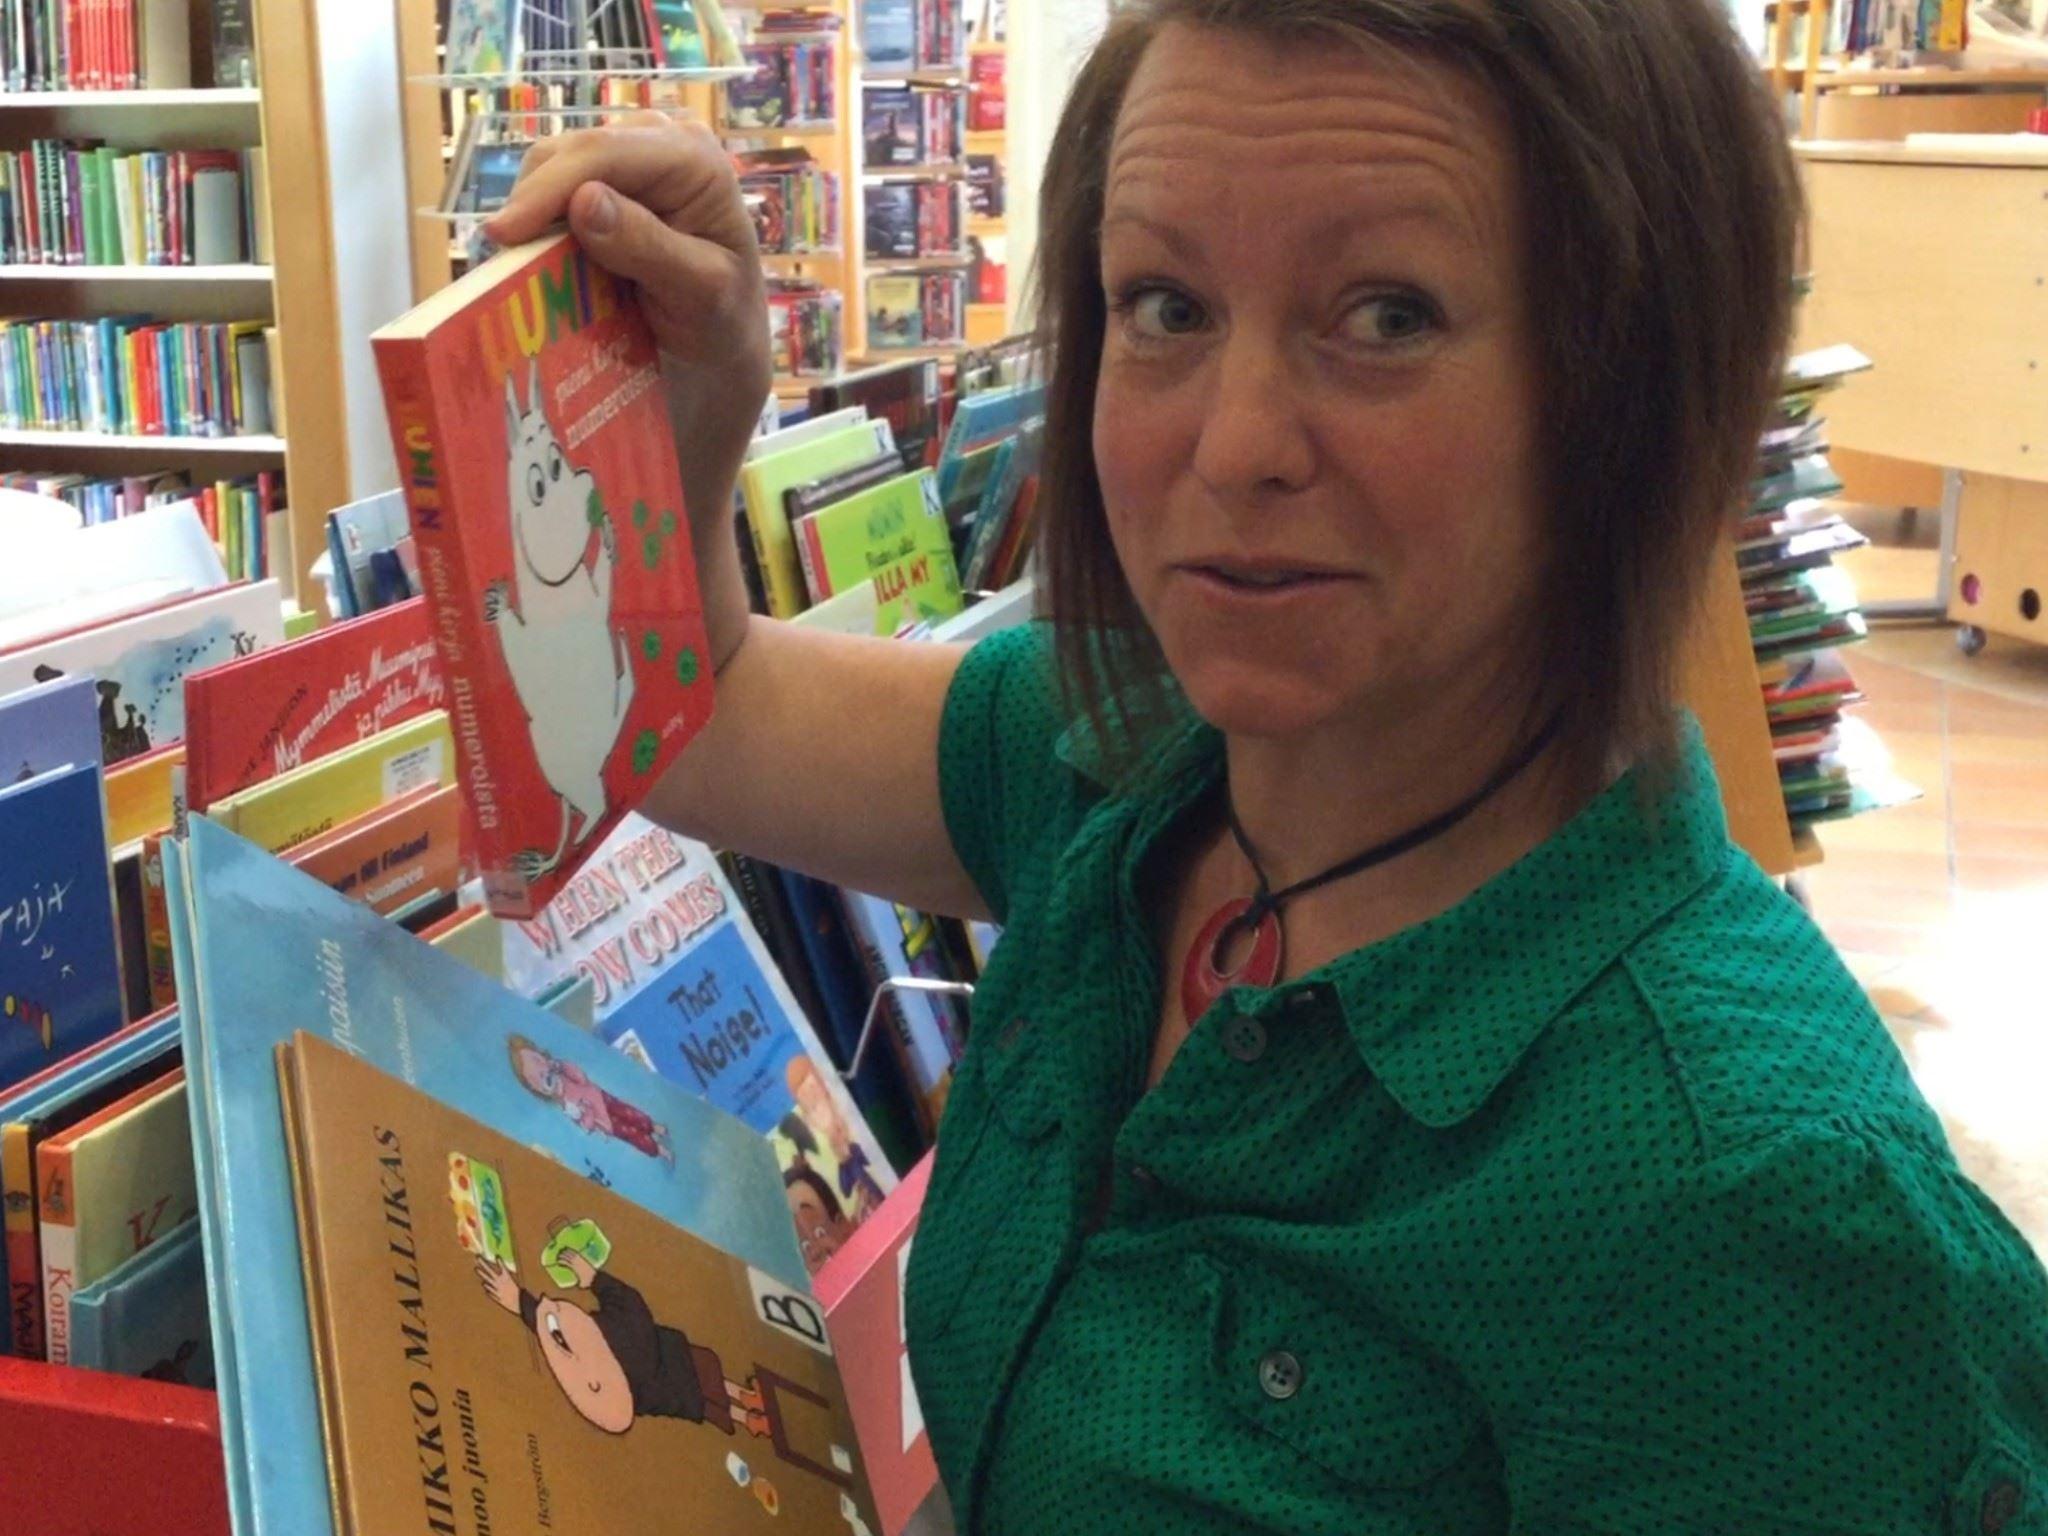 Finland 100 år - Tvåspråkig barnverksamhet på biblioteket